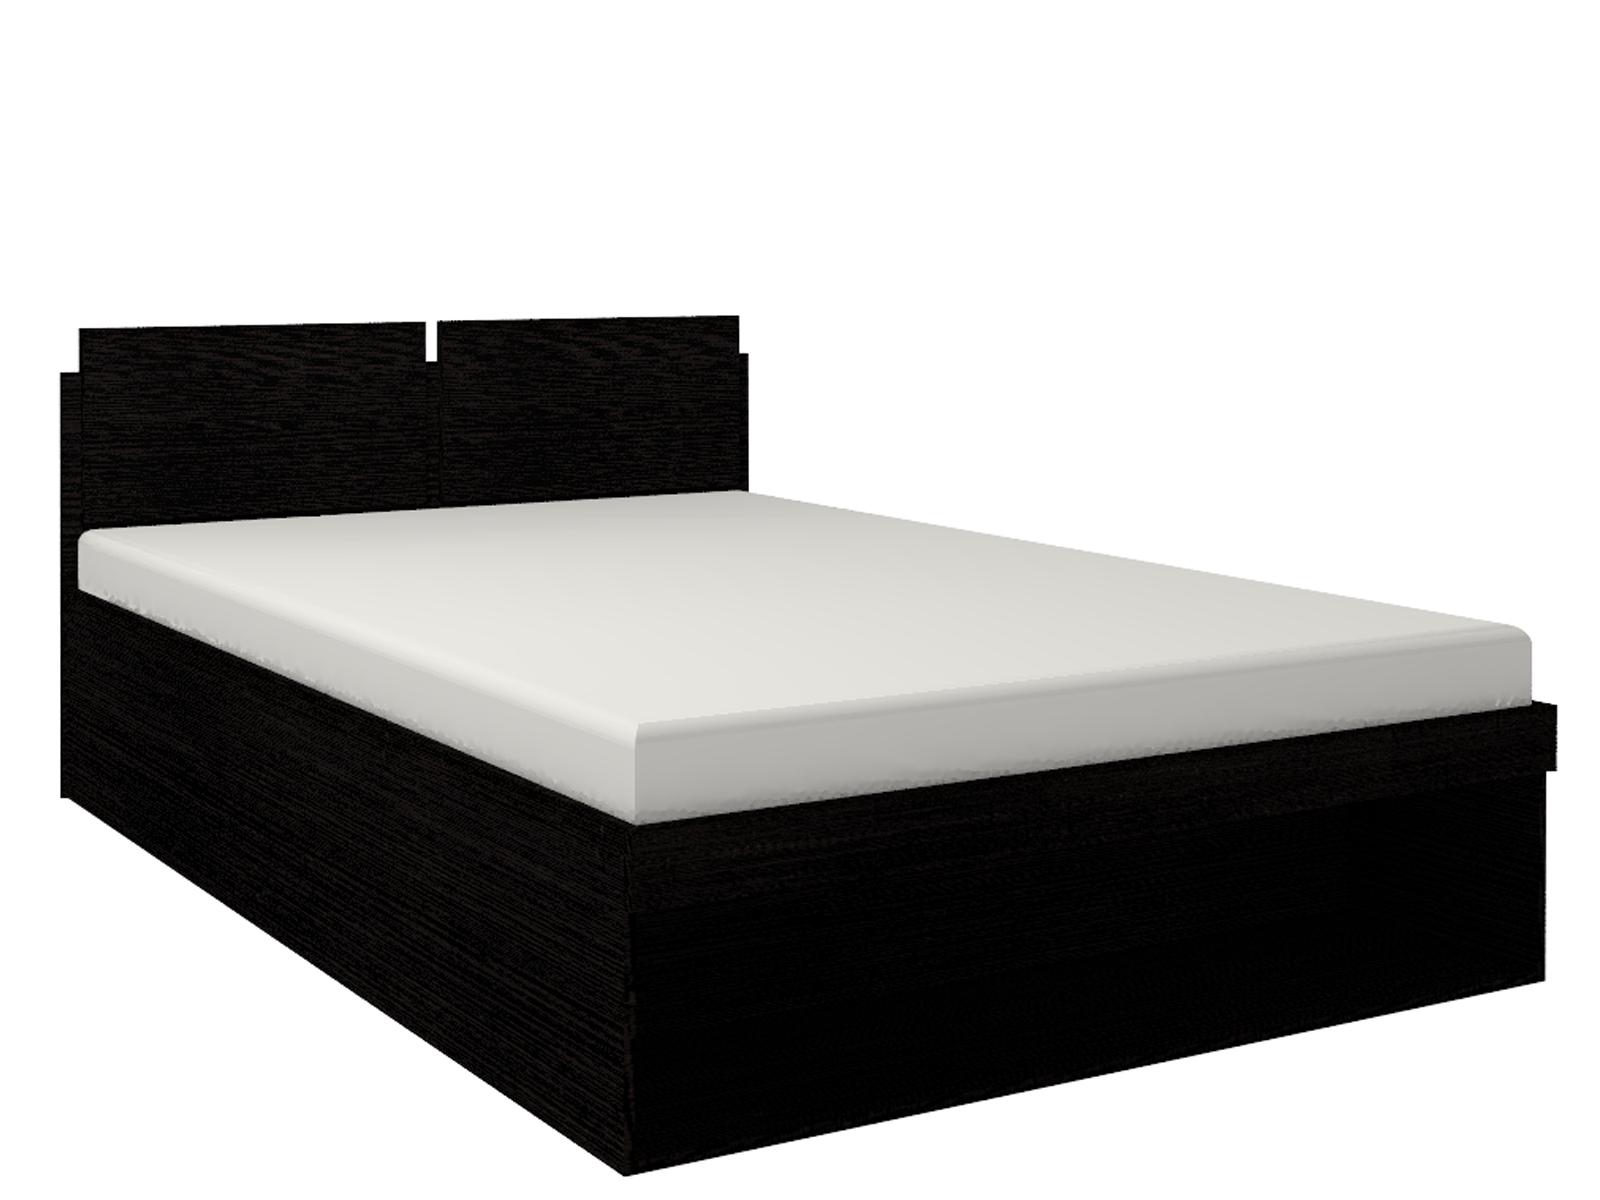 Кровать 2 Hyper 160*200 с подъемным механизмом (Венге монохром)